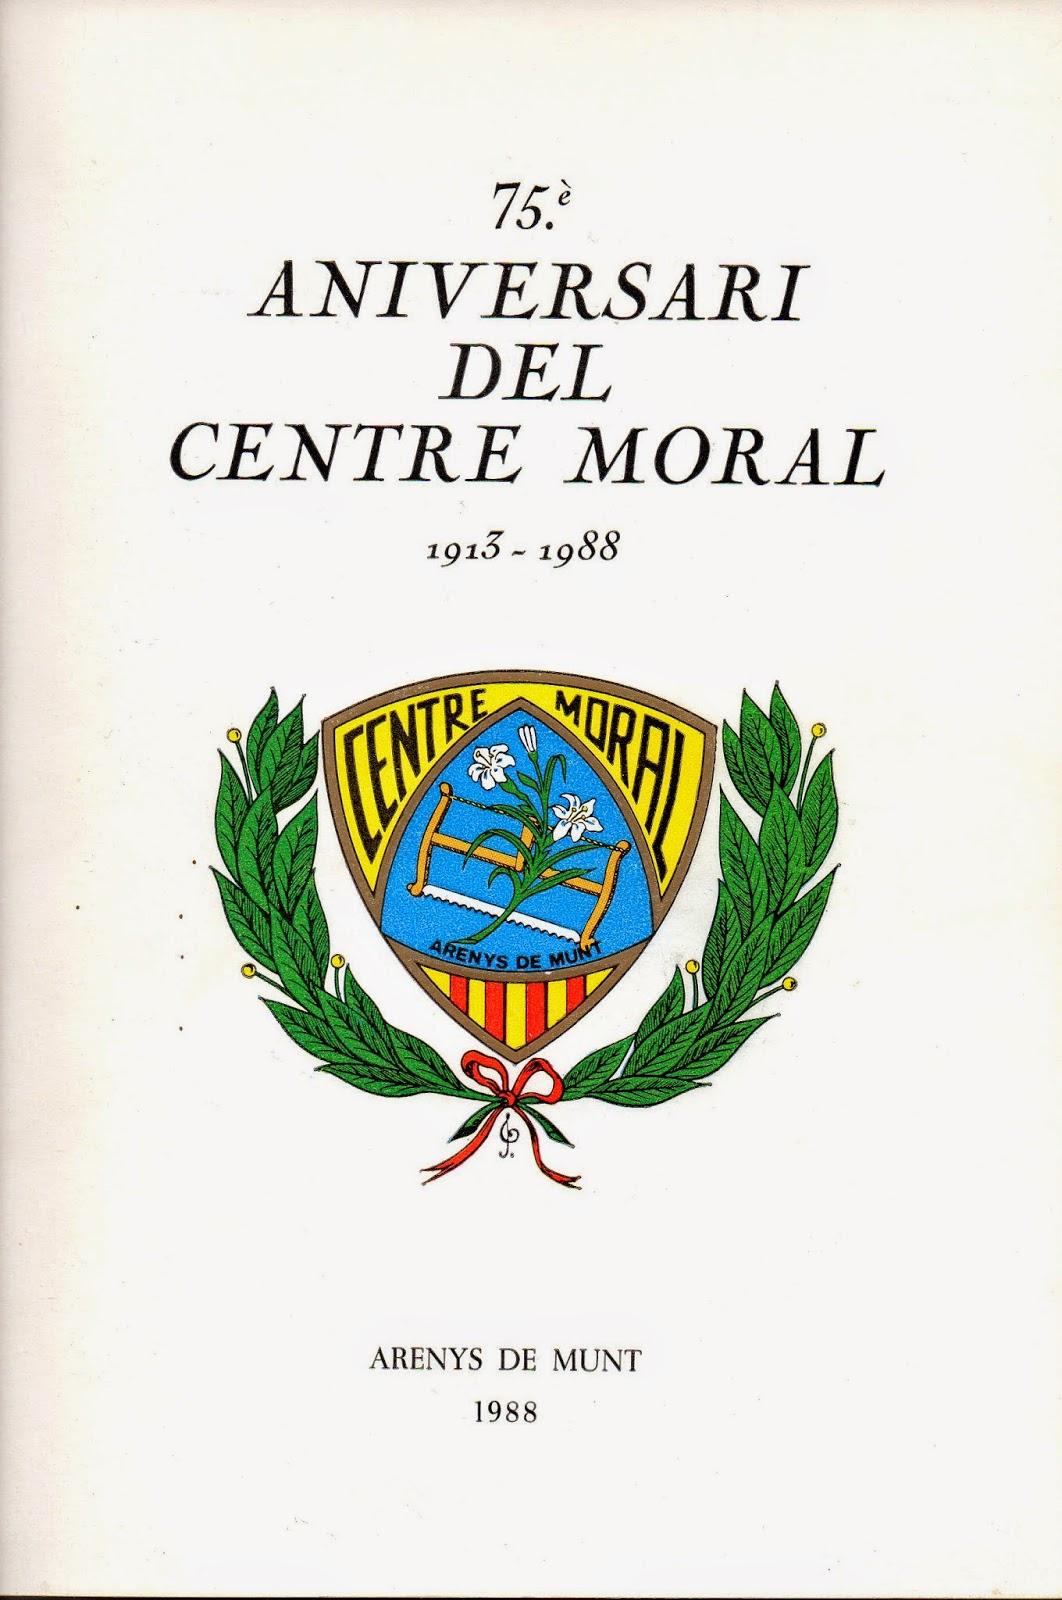 75è aniversari del Centre Moral: 1913-1988